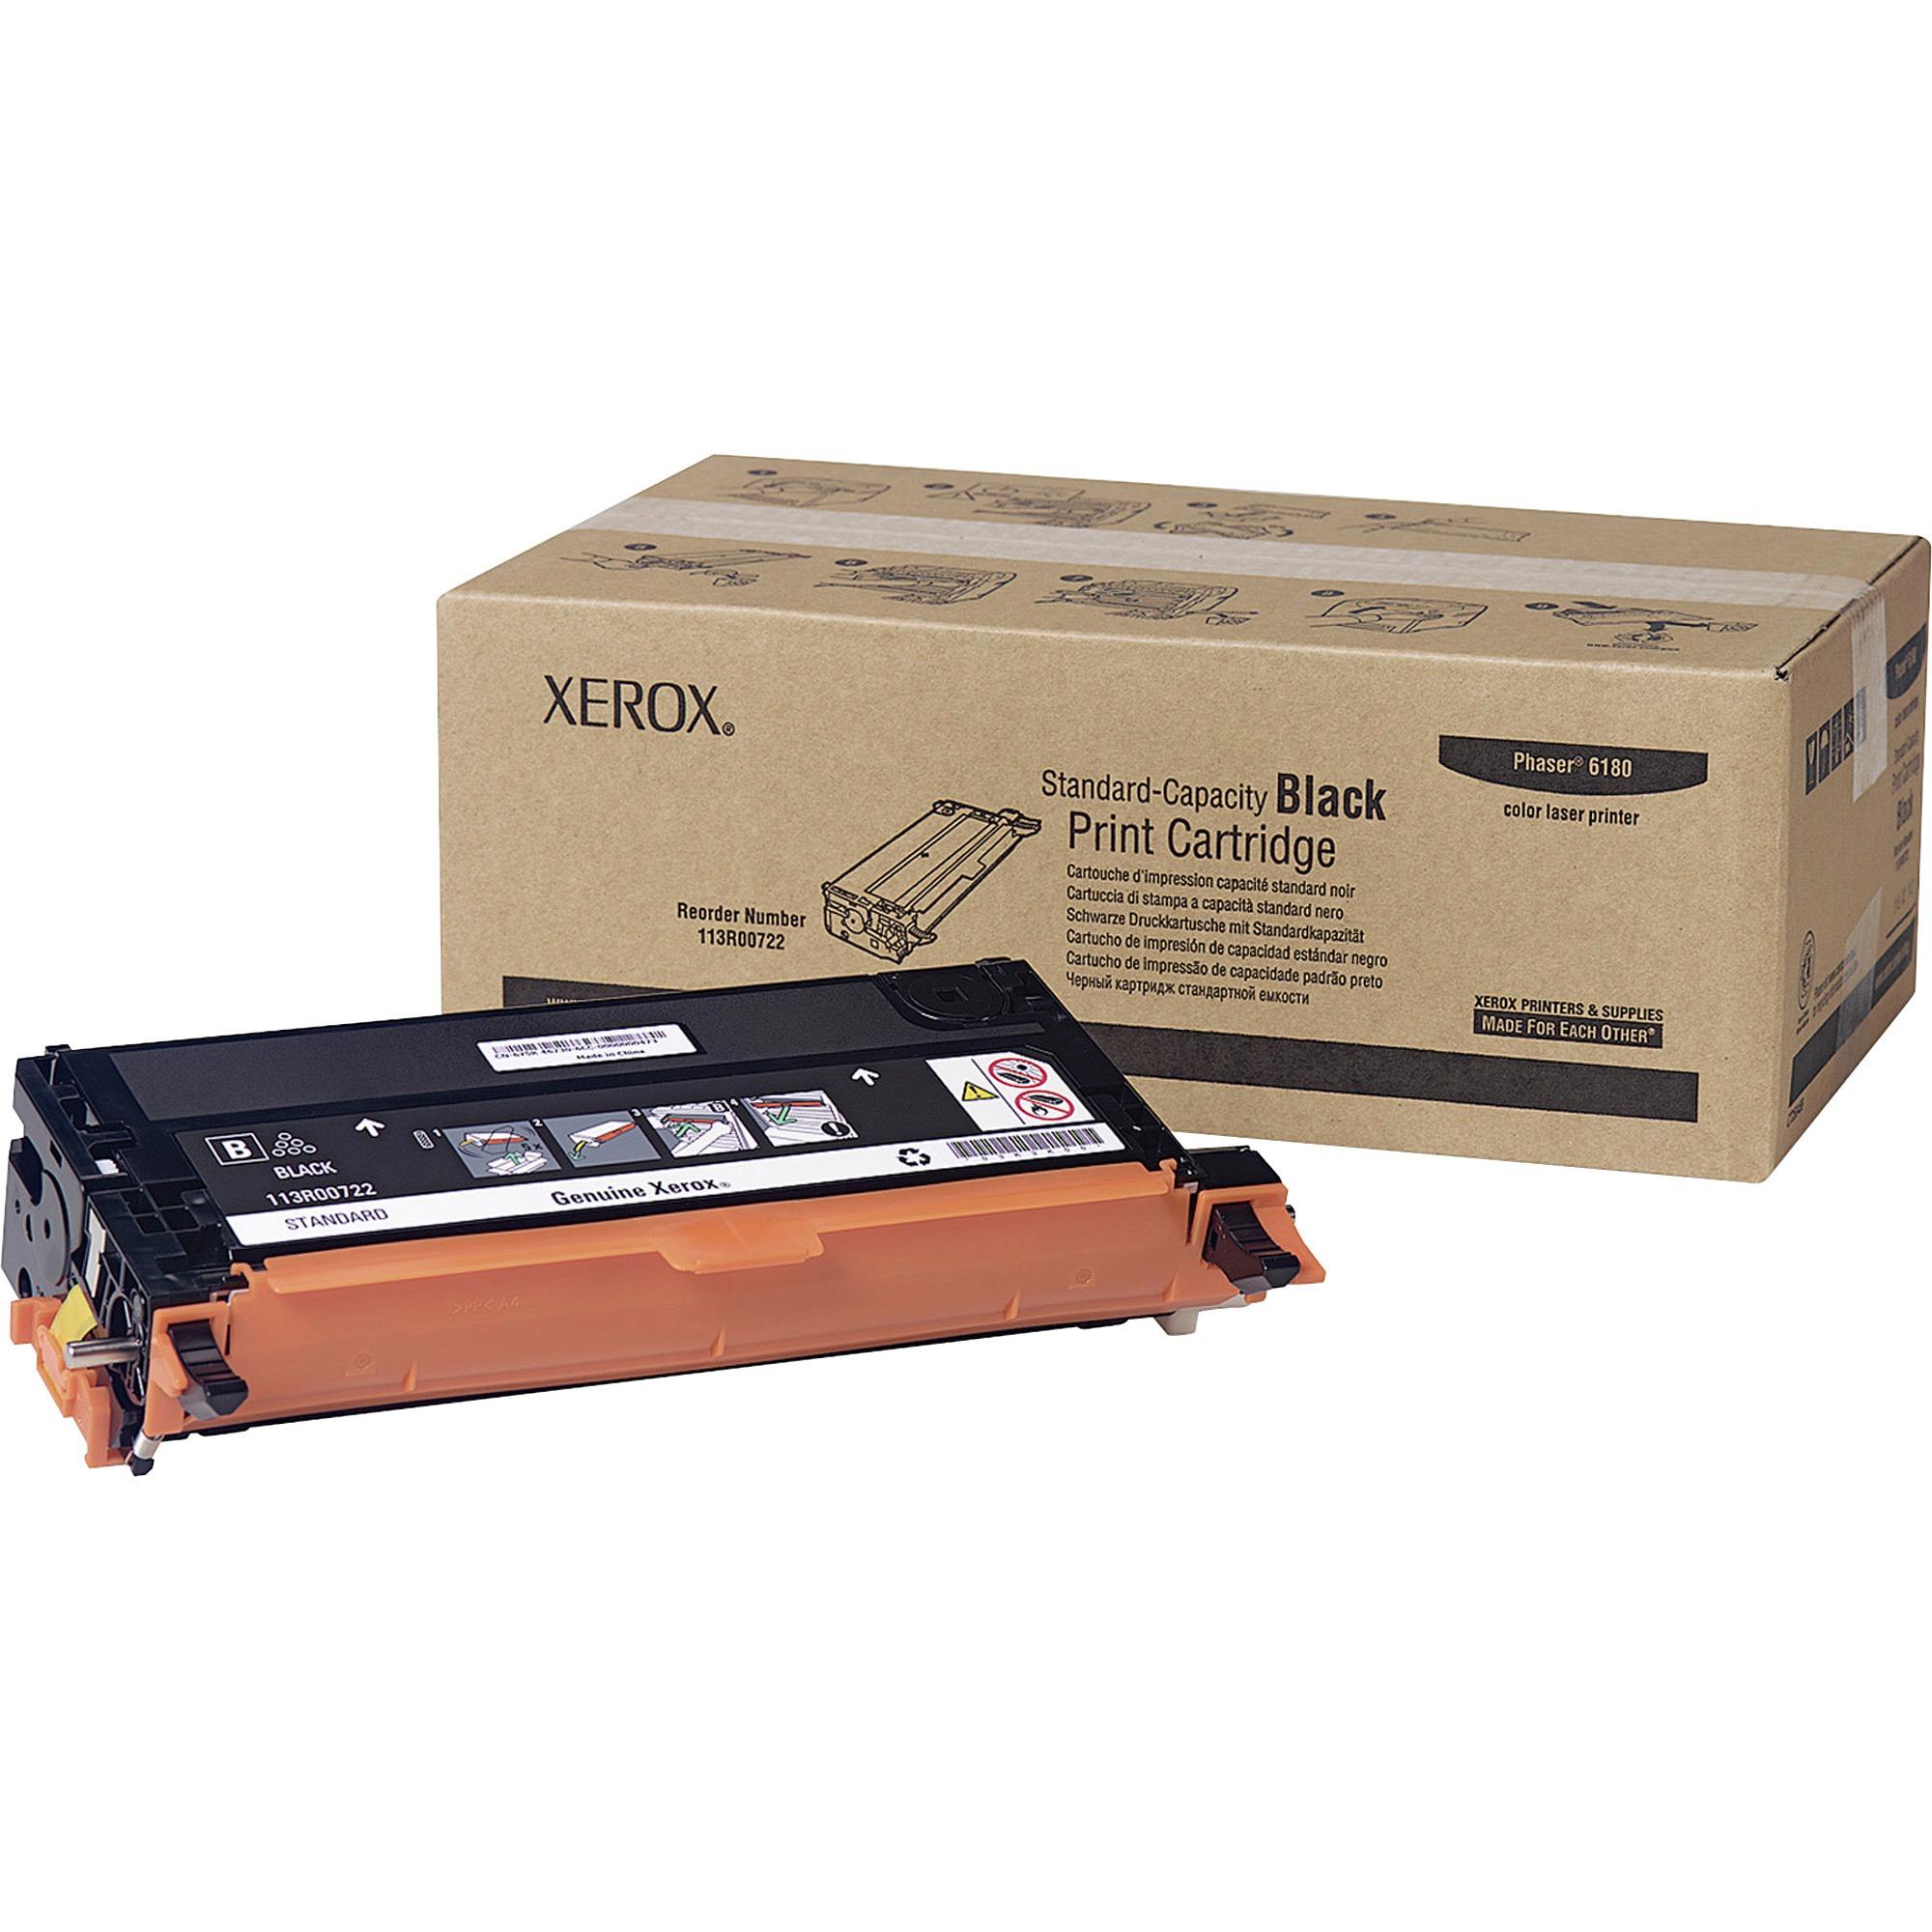 Xerox, XER113R00722, 113R00719/20/21/22 Print Cartridges, 1 Each